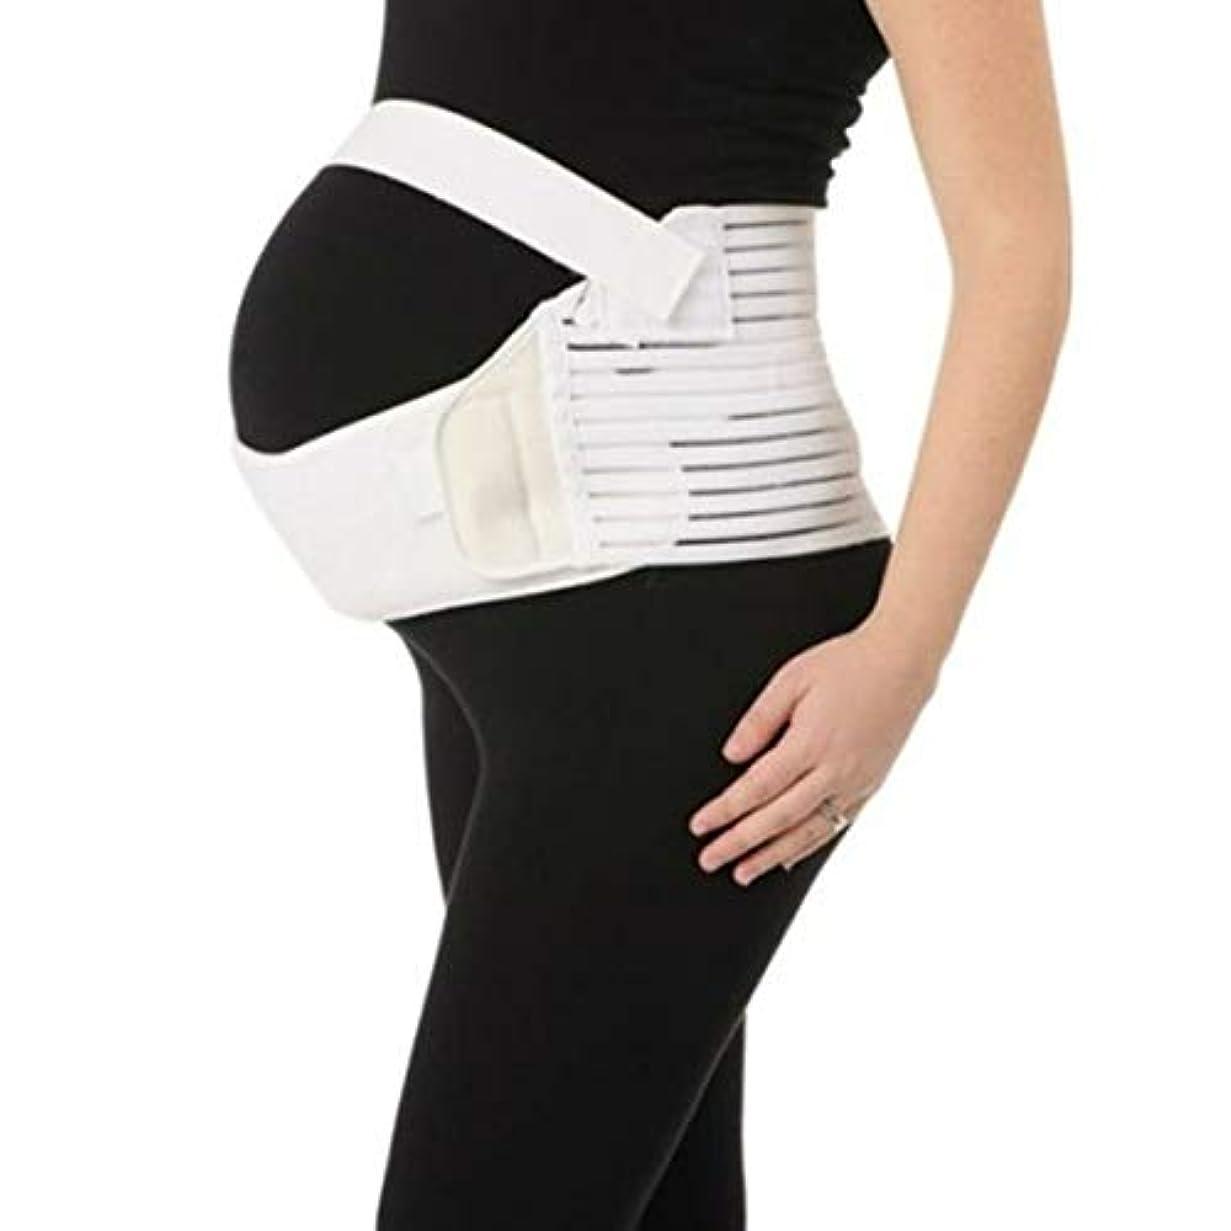 全部開発するロケーション通気性マタニティベルト妊娠腹部サポート腹部バインダーガードル運動包帯産後の回復shapewear - ホワイトL